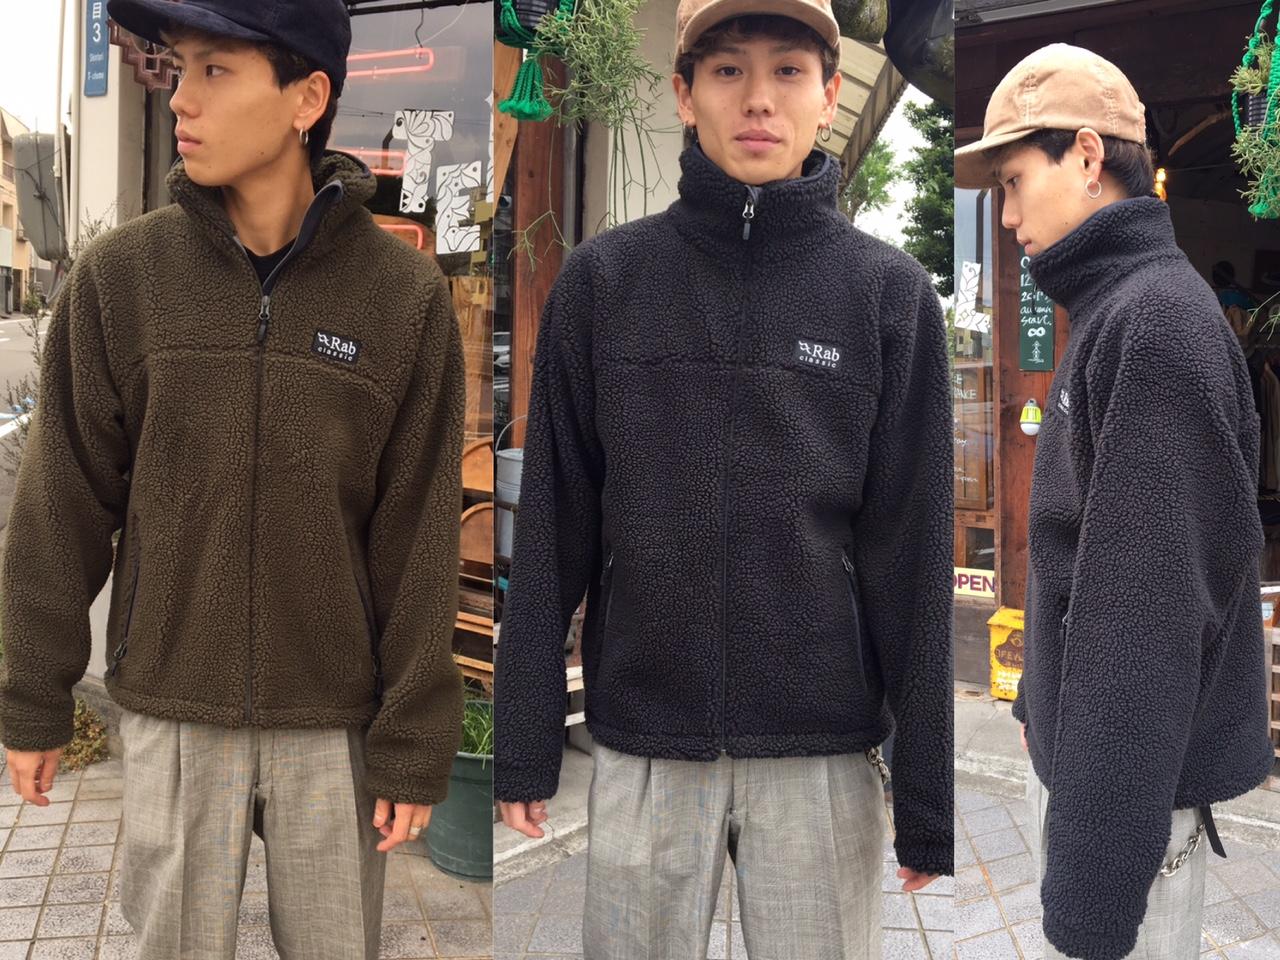 Rab® Double Pile Jacket